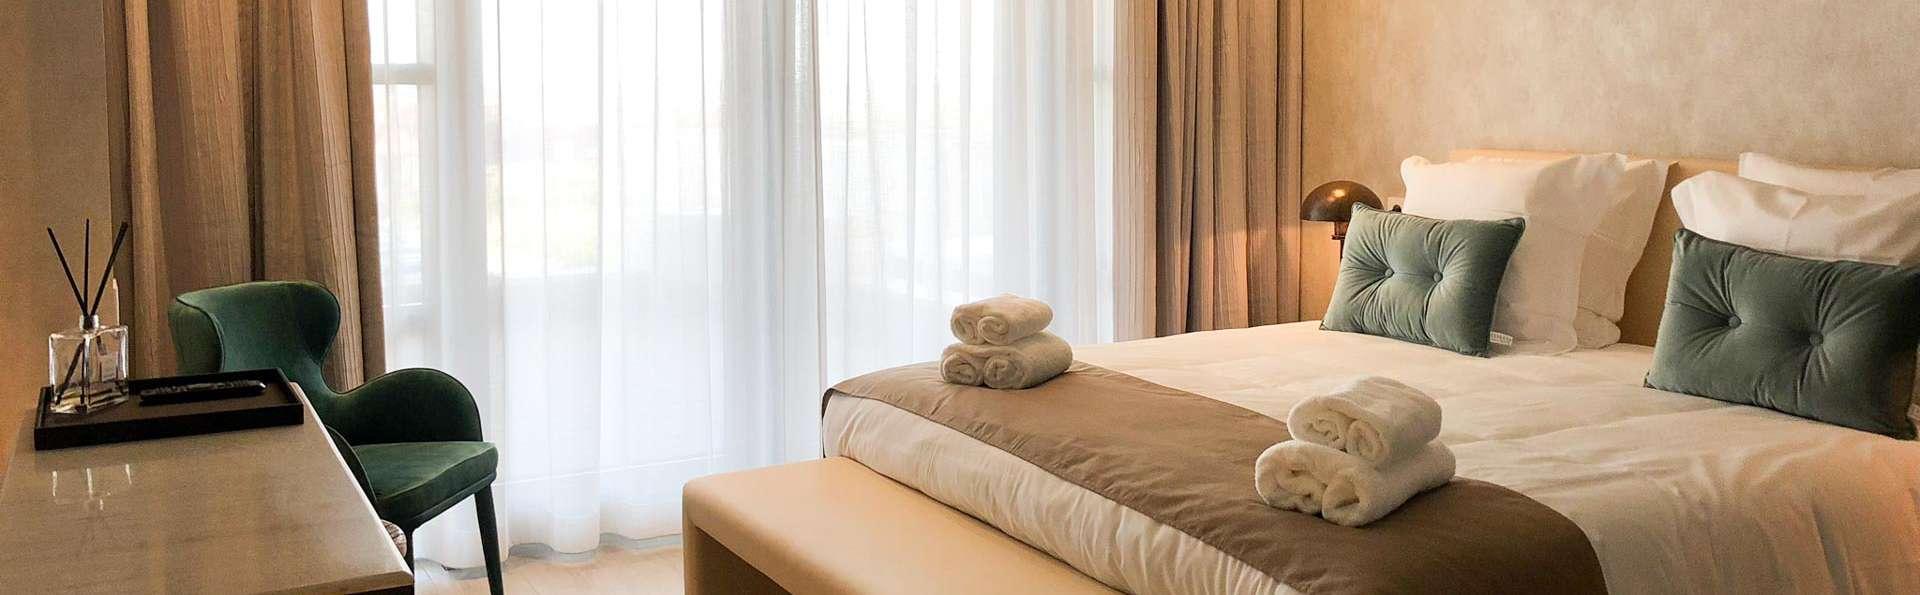 Hotel Acropolis - EDIT_ROOM_01.jpg